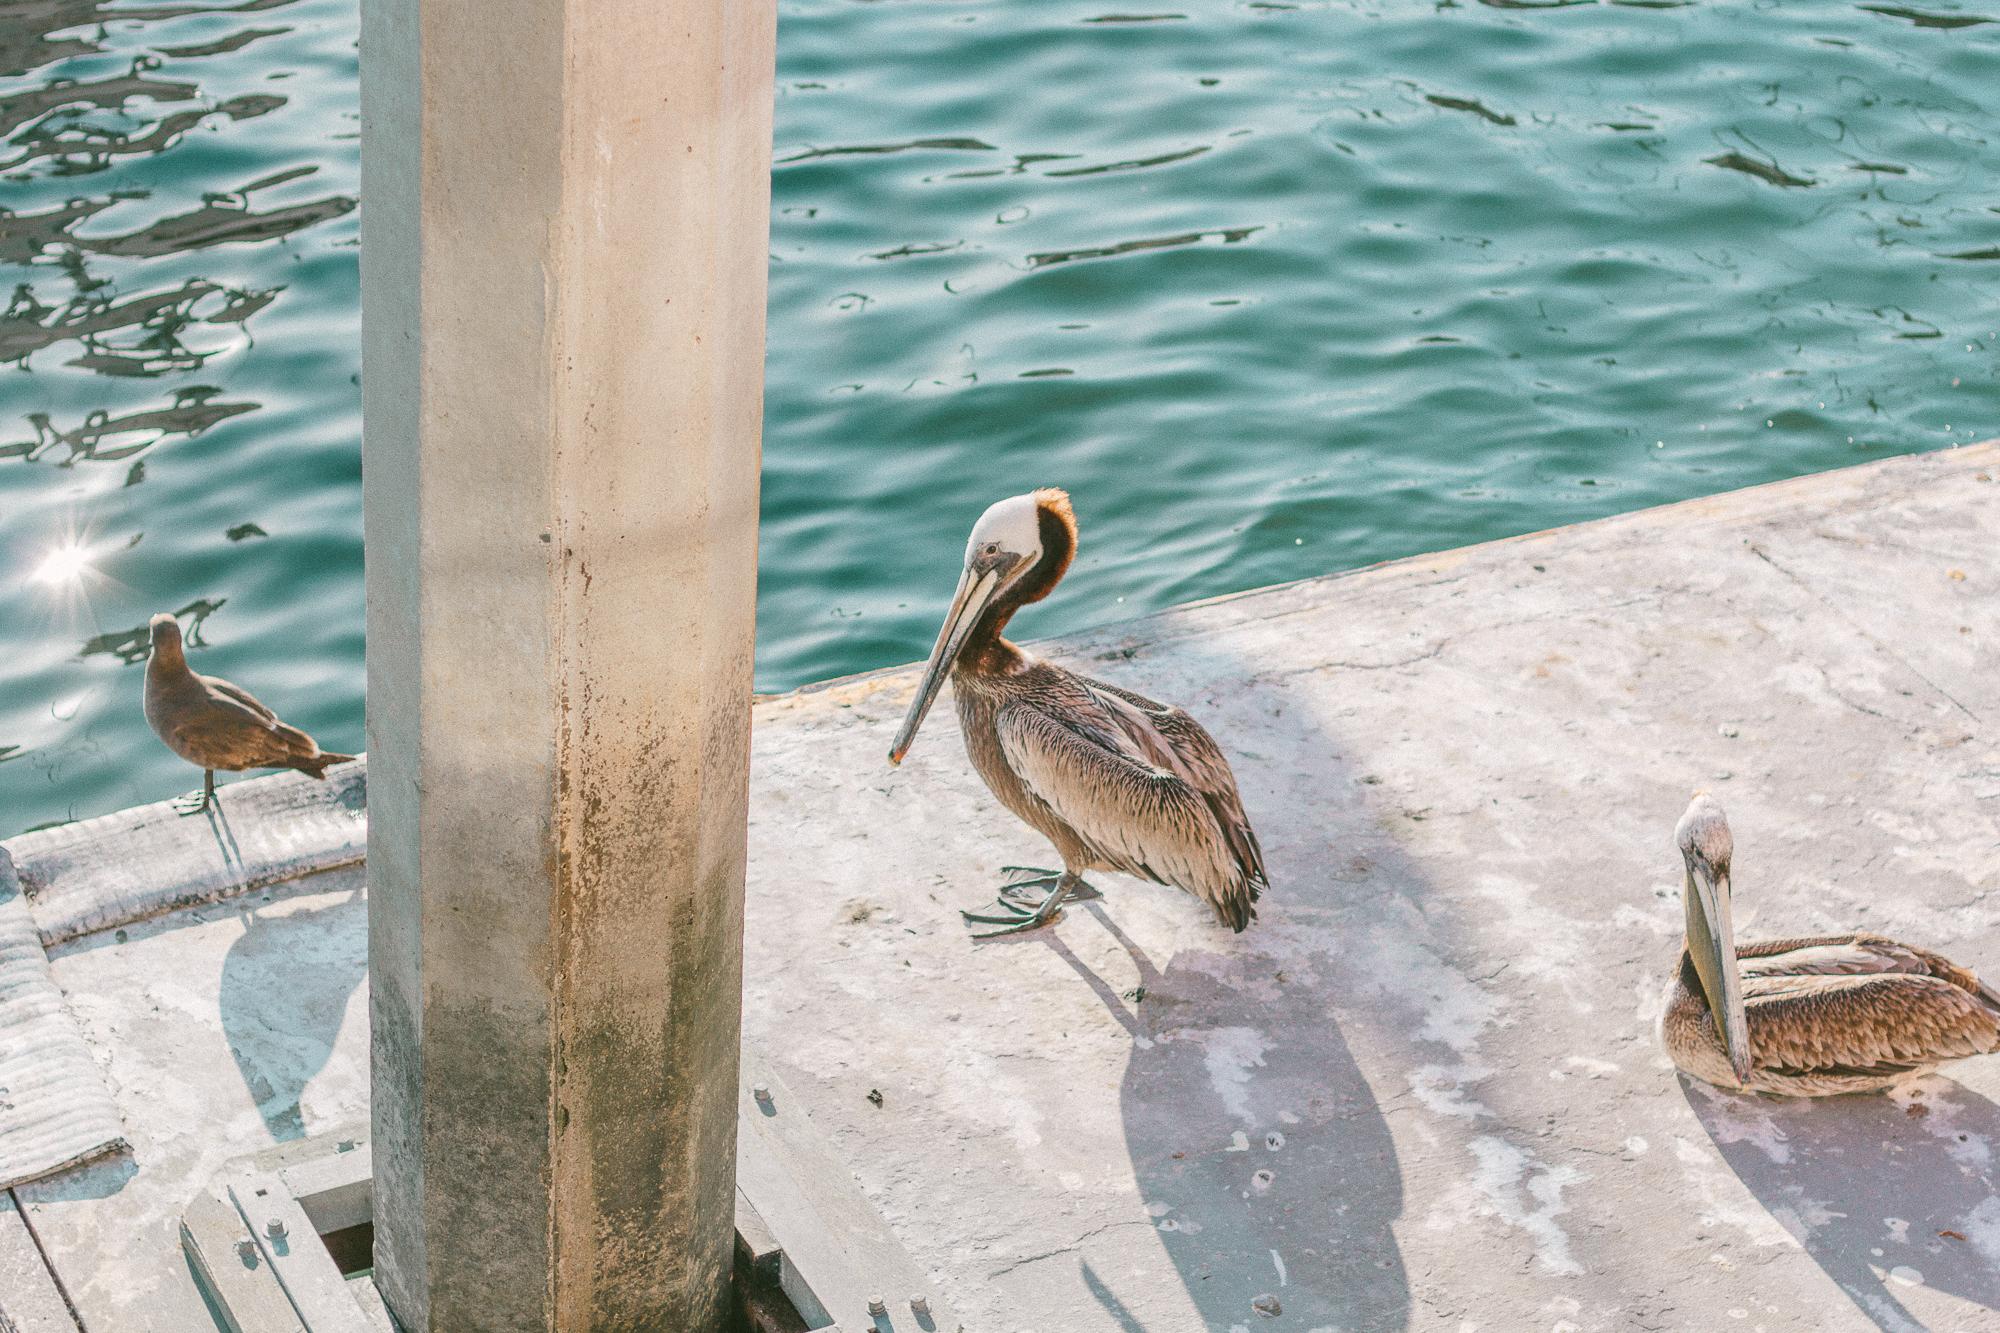 marina del rey pelicans 2